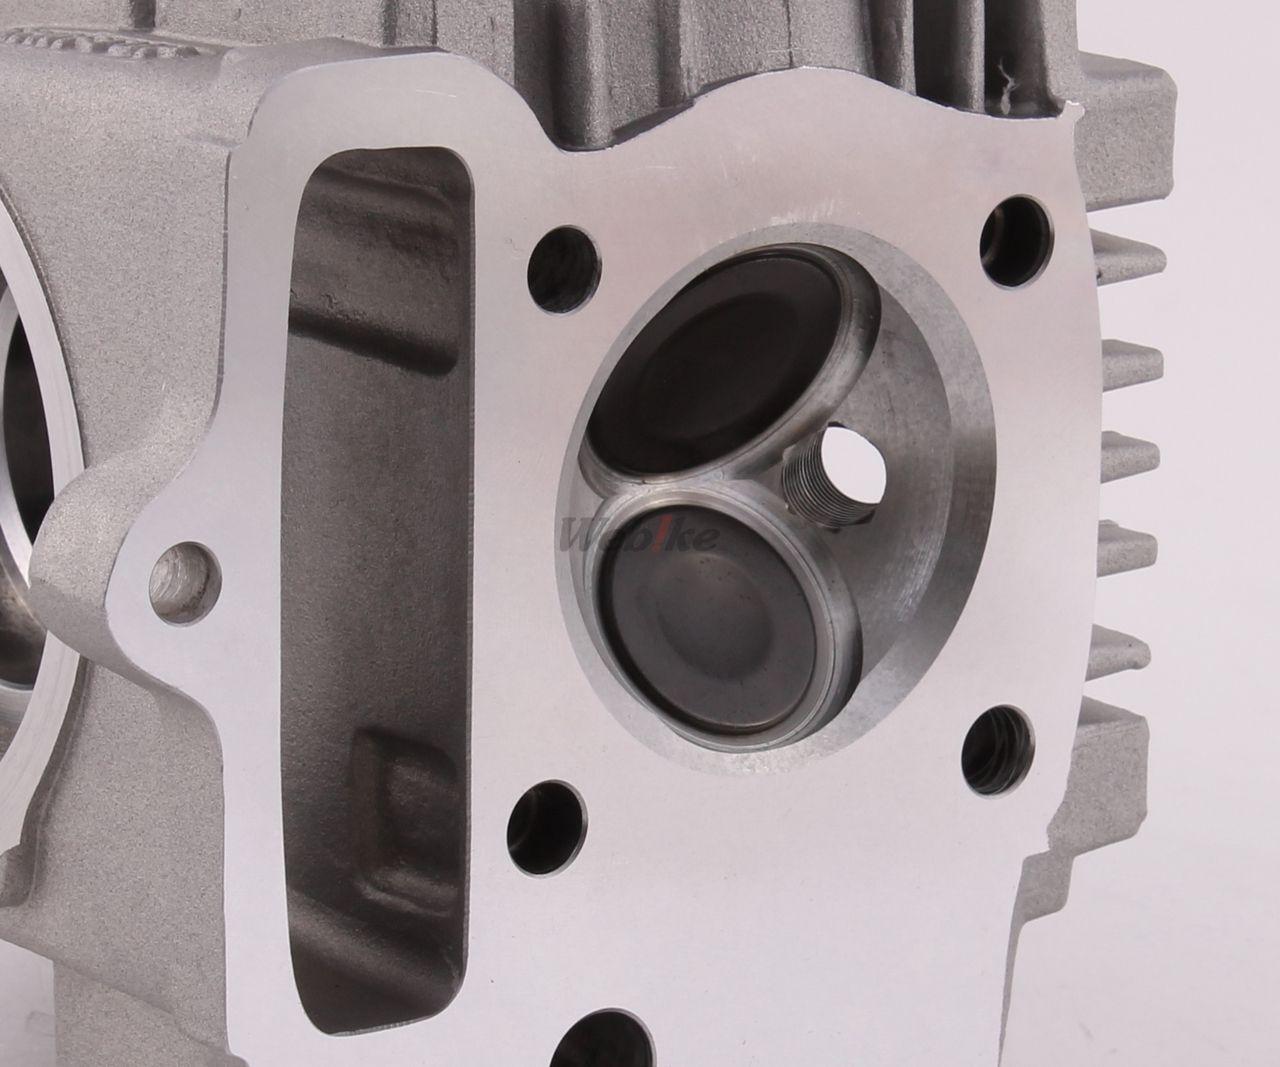 【SHIFT UP】Monkey 88cc High Revolution 加大缸徑套件(附 High range 凸輪軸)12V用 - 「Webike-摩托百貨」